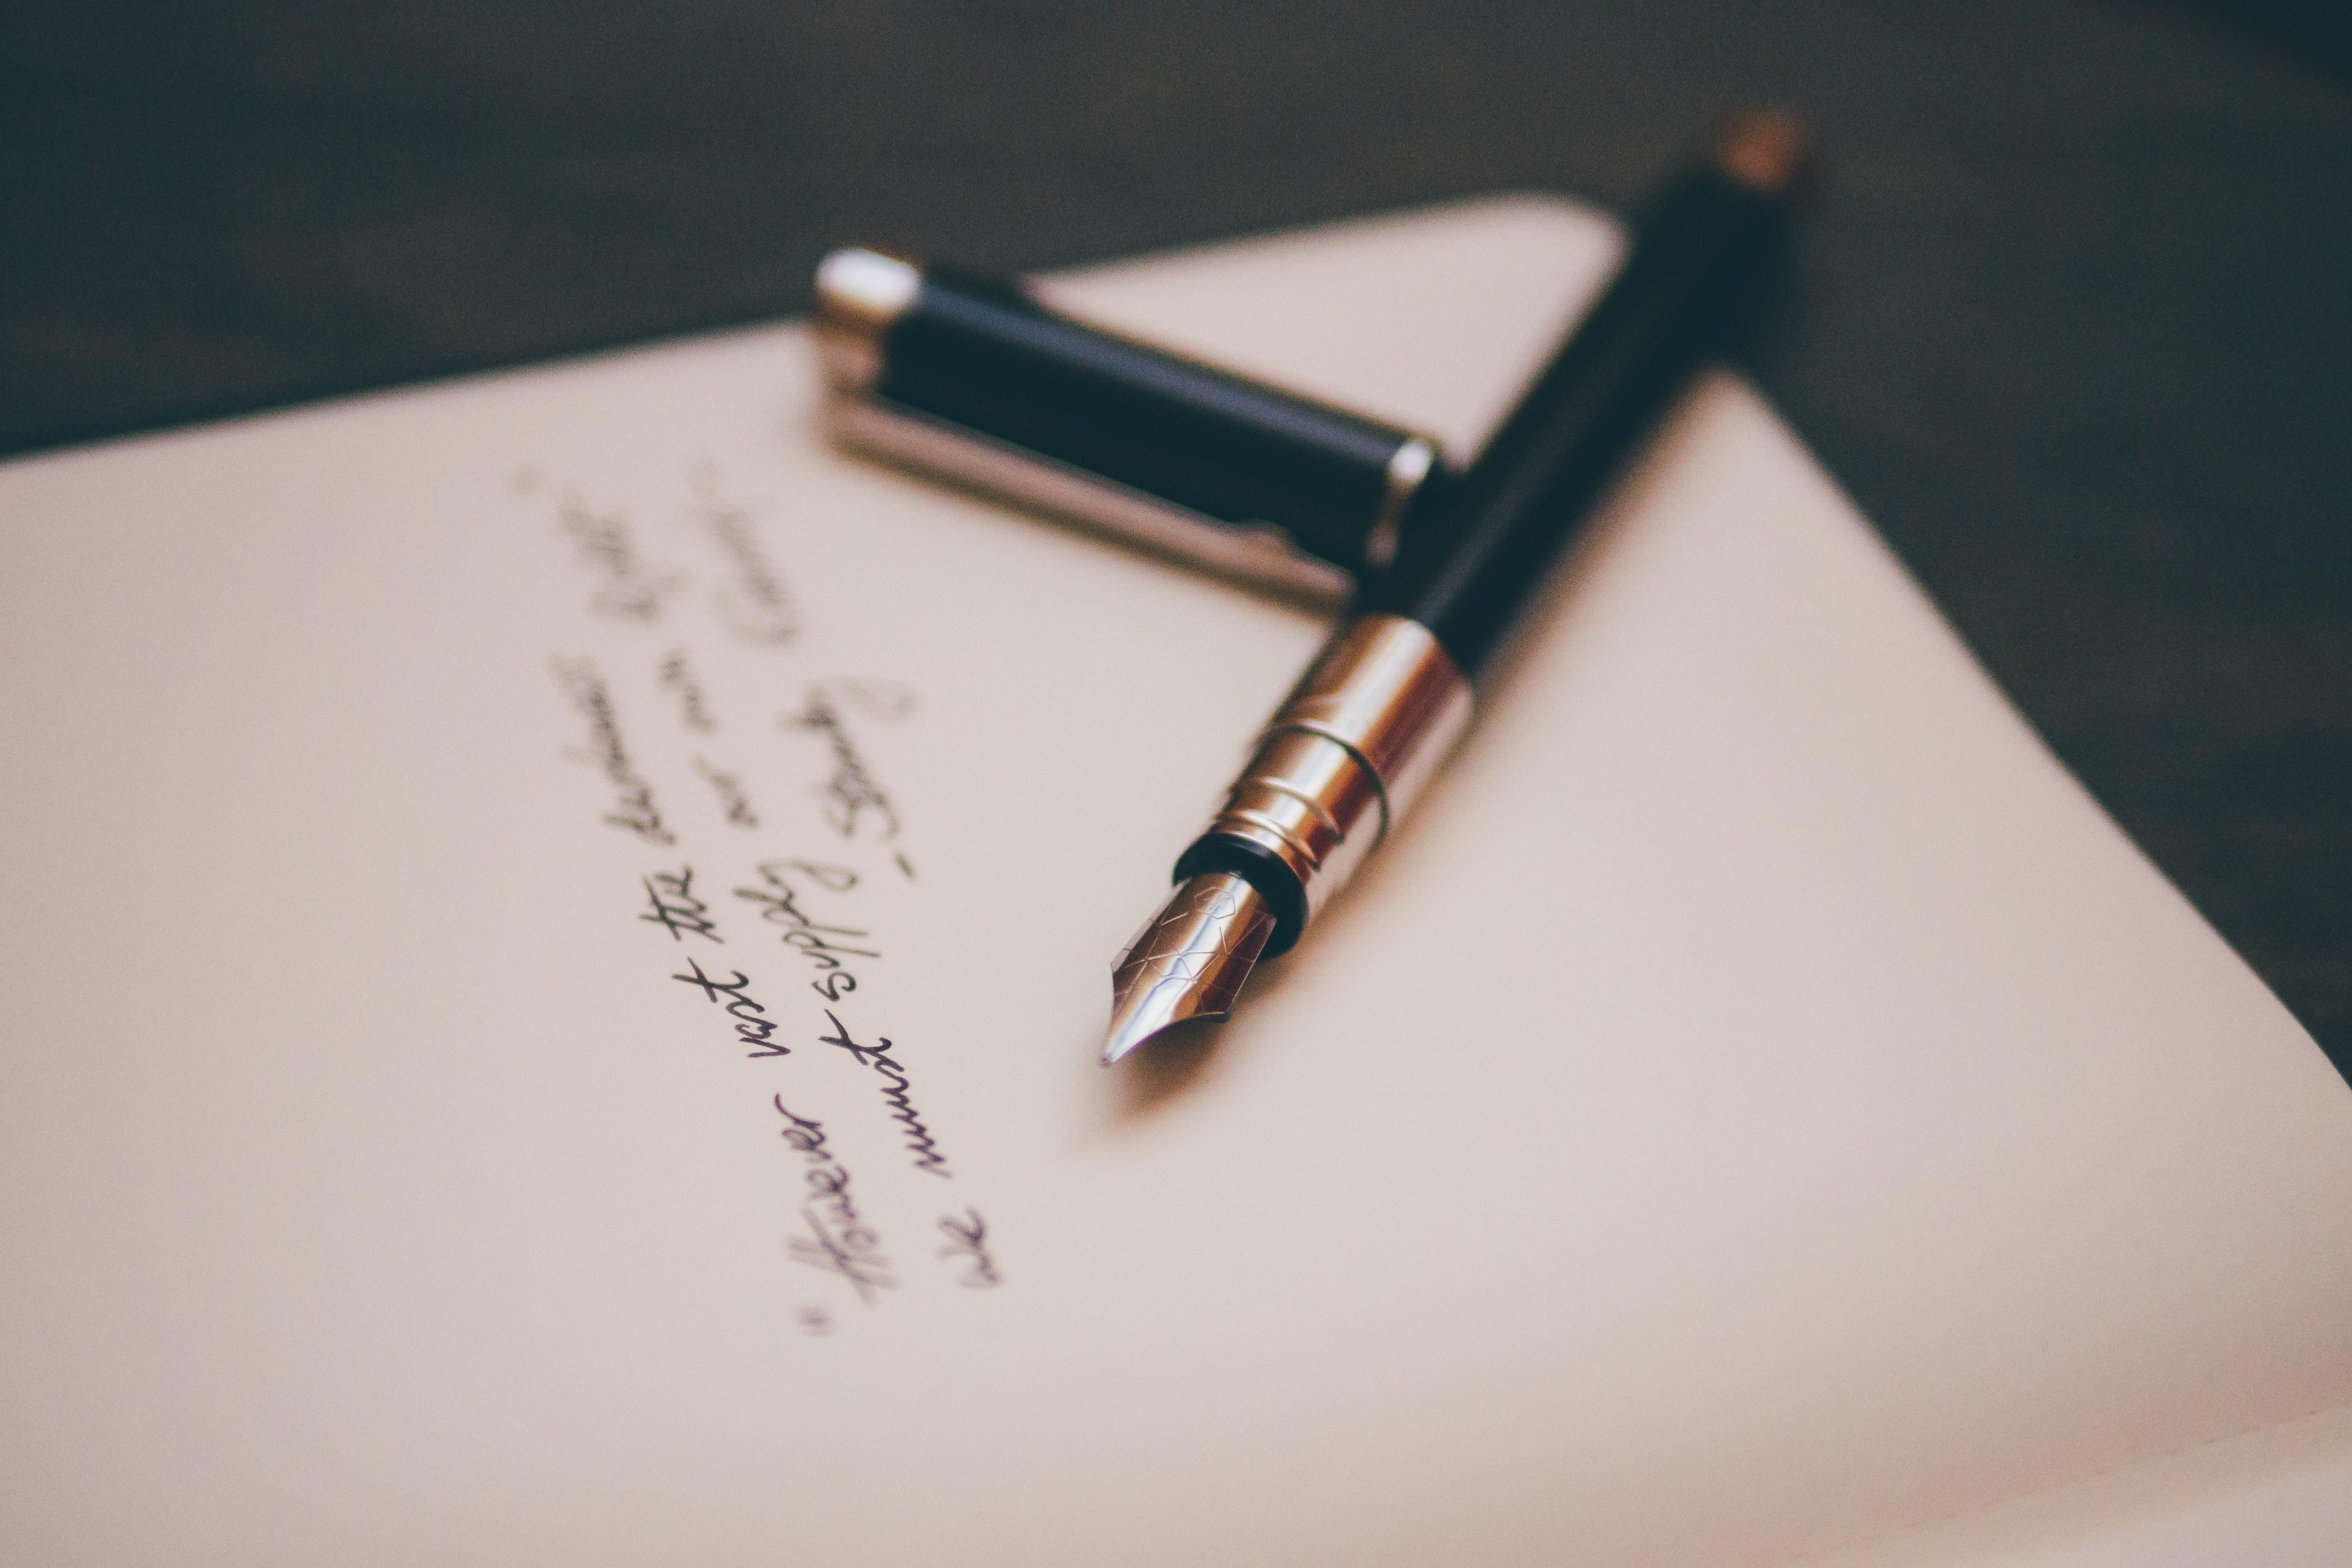 pisma koja su promijenila svijet